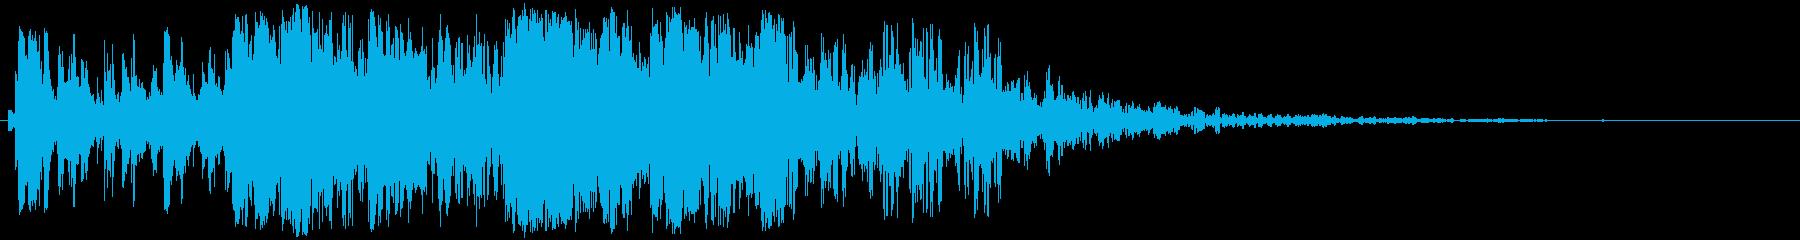 ヘビータンブリングメタルクラッシュ...の再生済みの波形